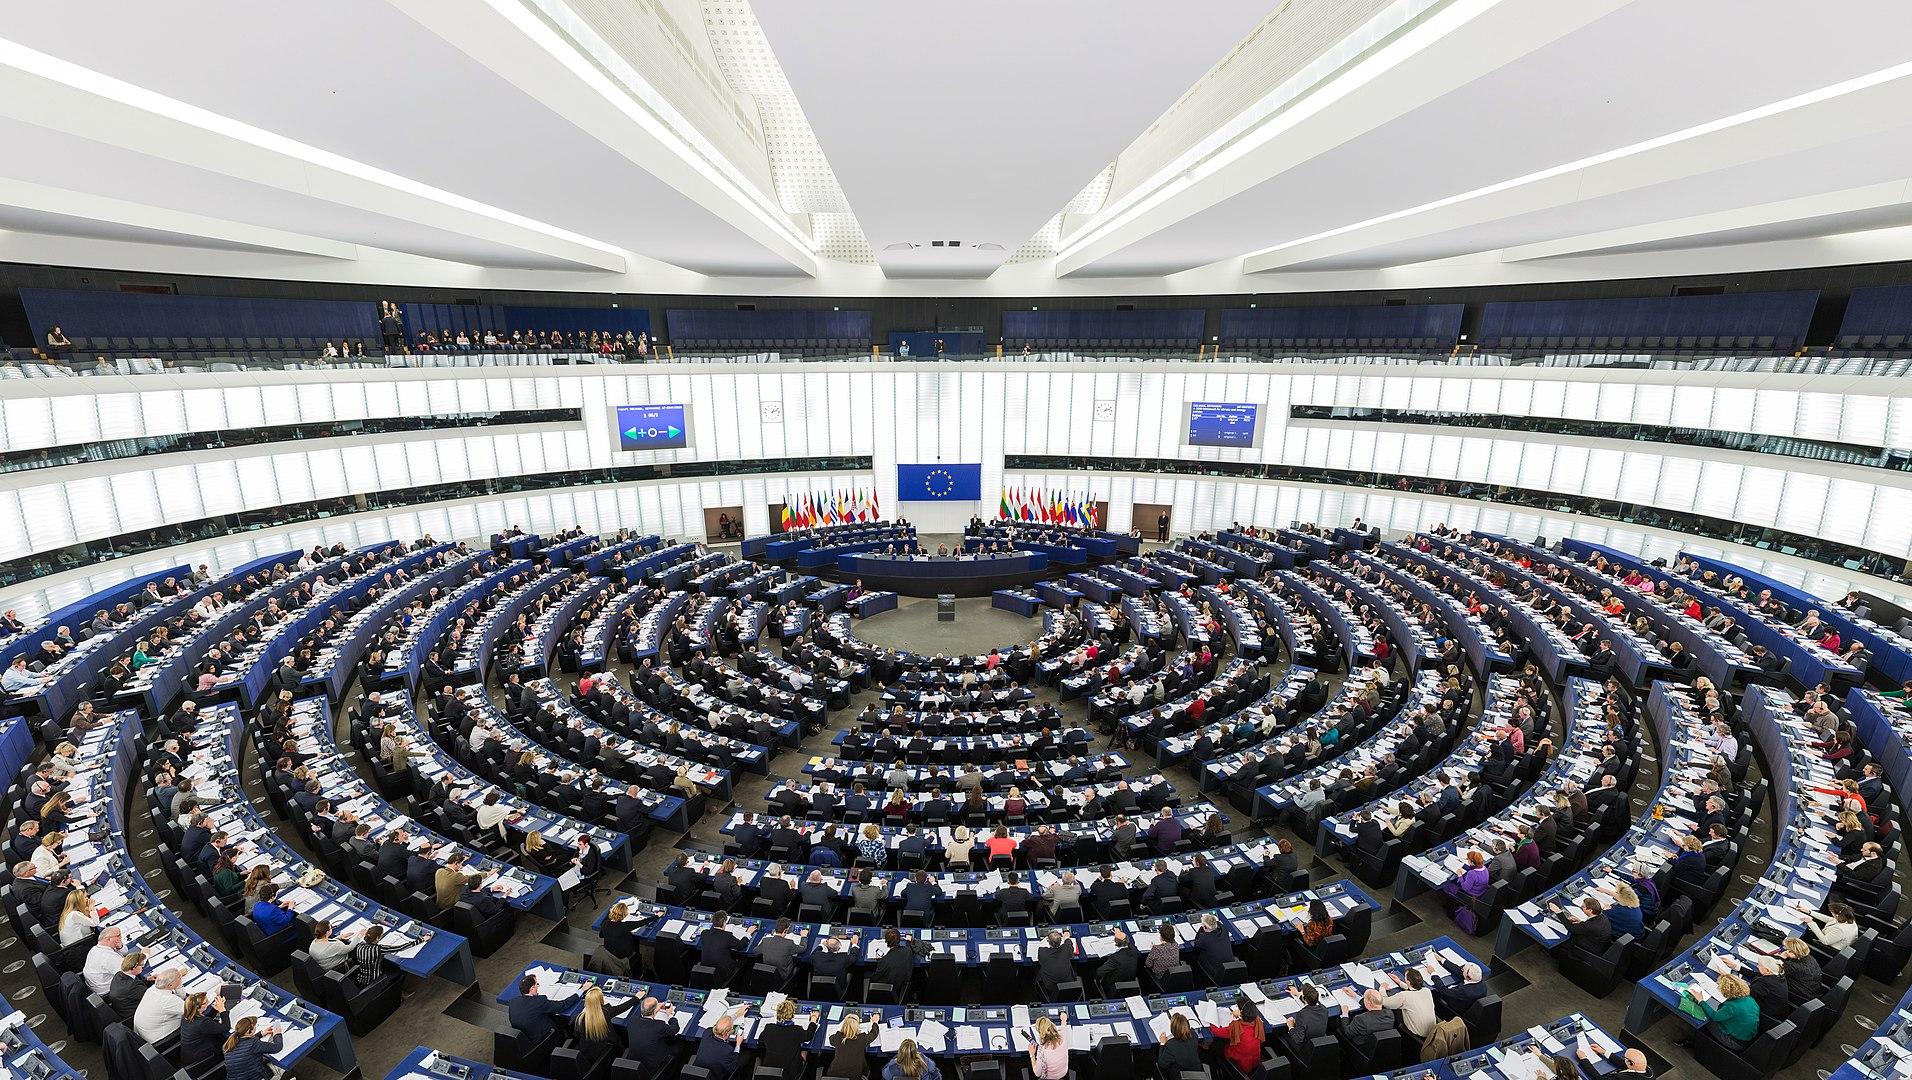 EU-Abgeordnete drohen mit Ablehnung des von der Kommission vorgeschlagenen Covid-19-Weinpakets